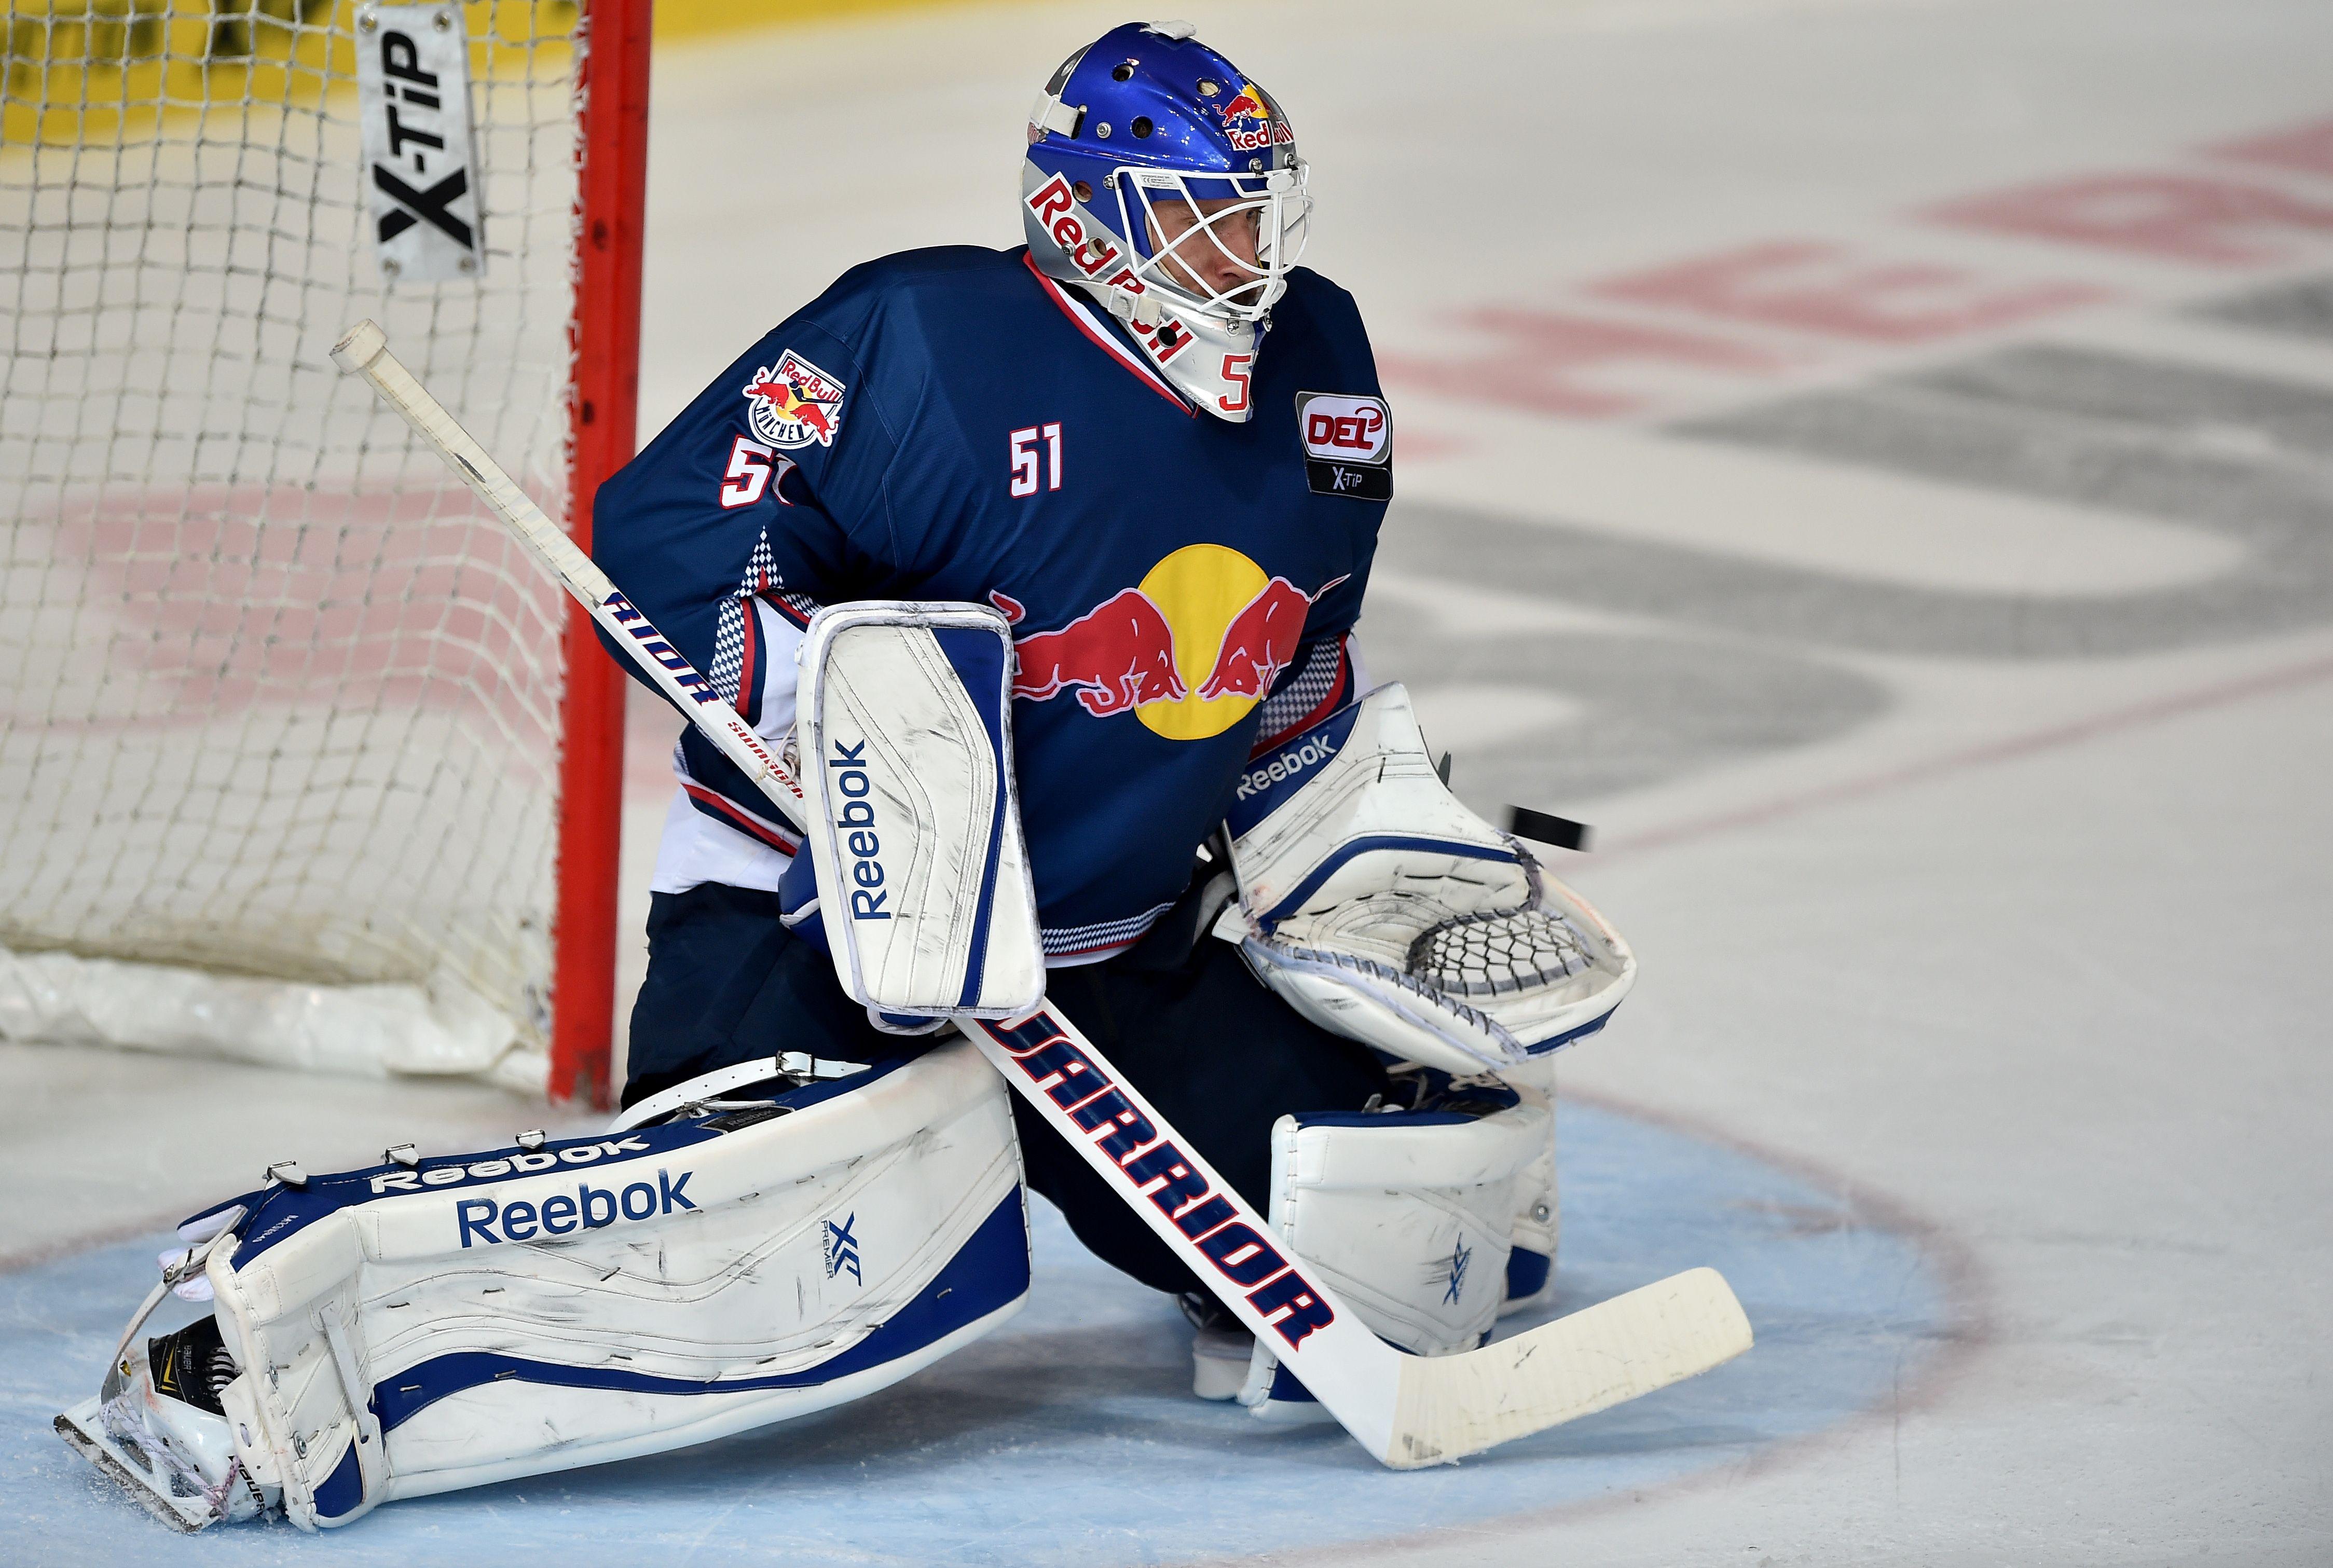 Deutsche Eishockey Liga Ehc Redbull Munchen Google Search Eishockey Hockey Munchen